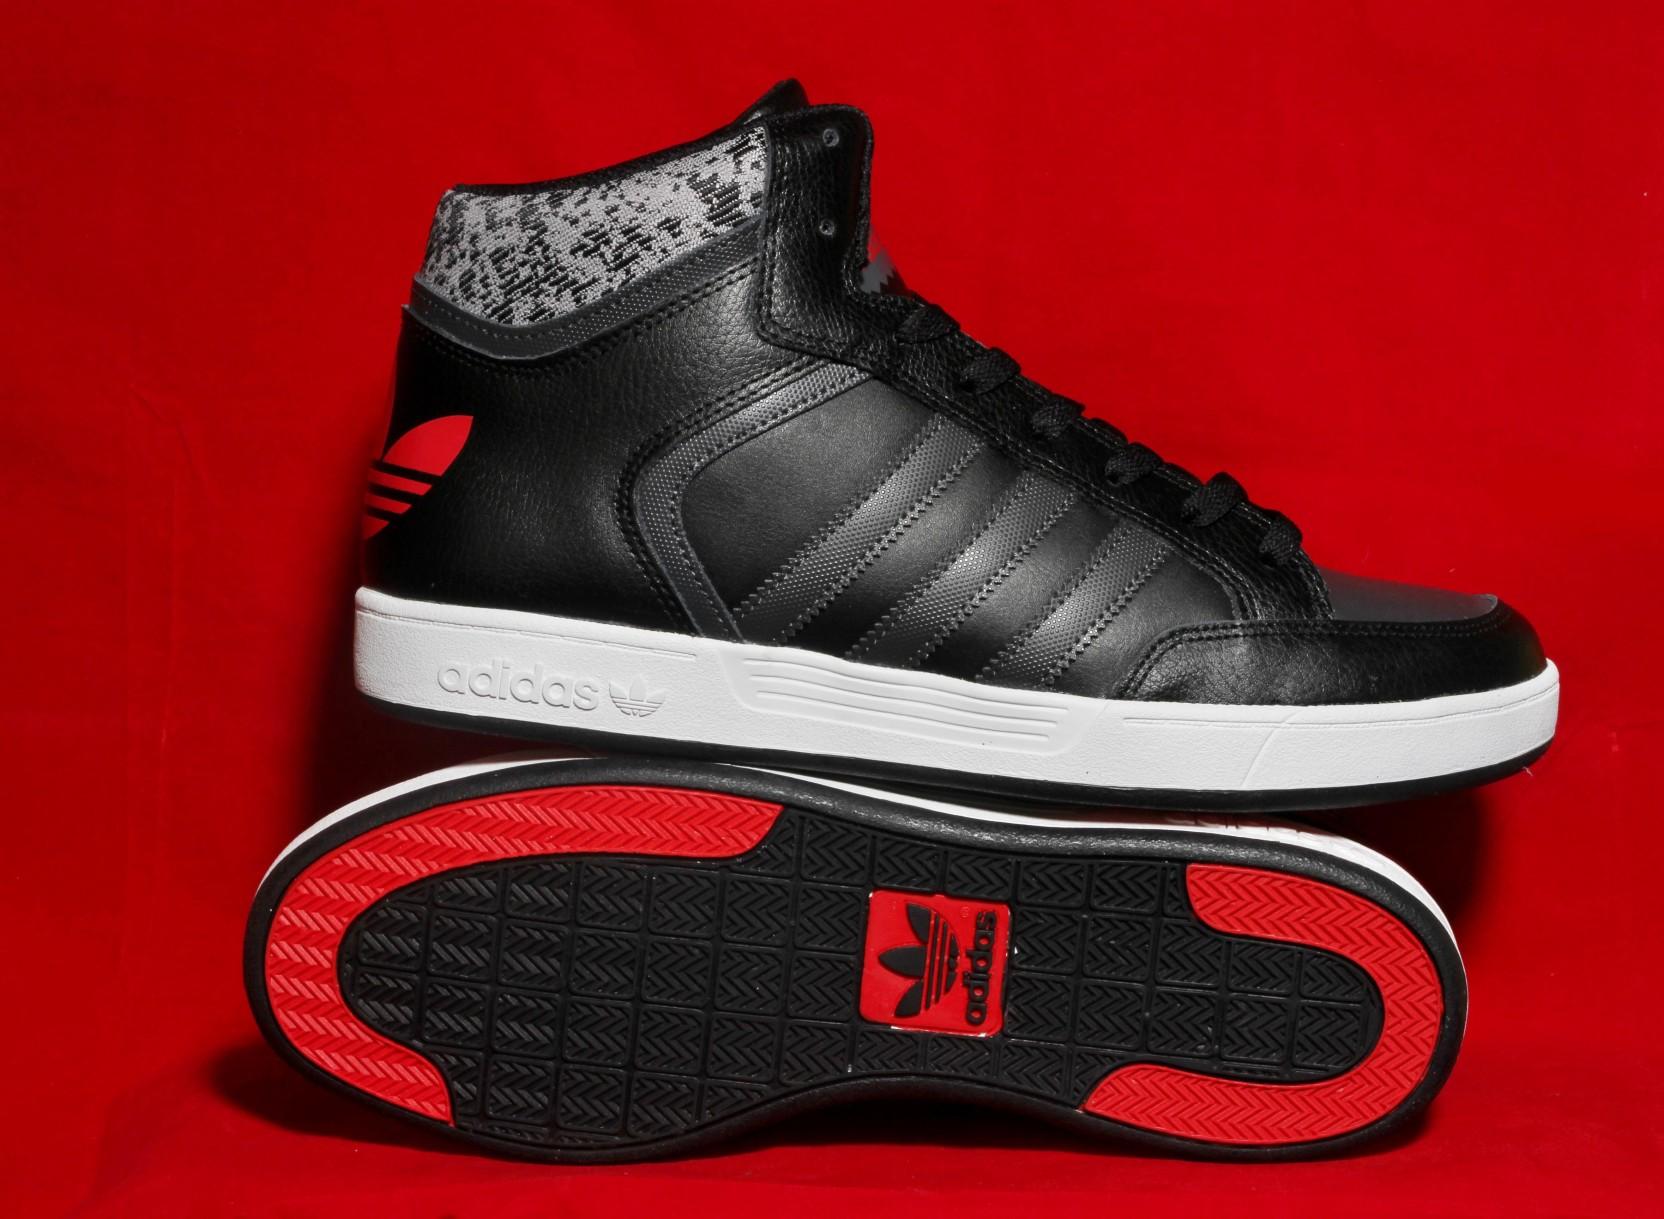 ADIDAS ORIGINALS VARIAL MID Sneakers For Men